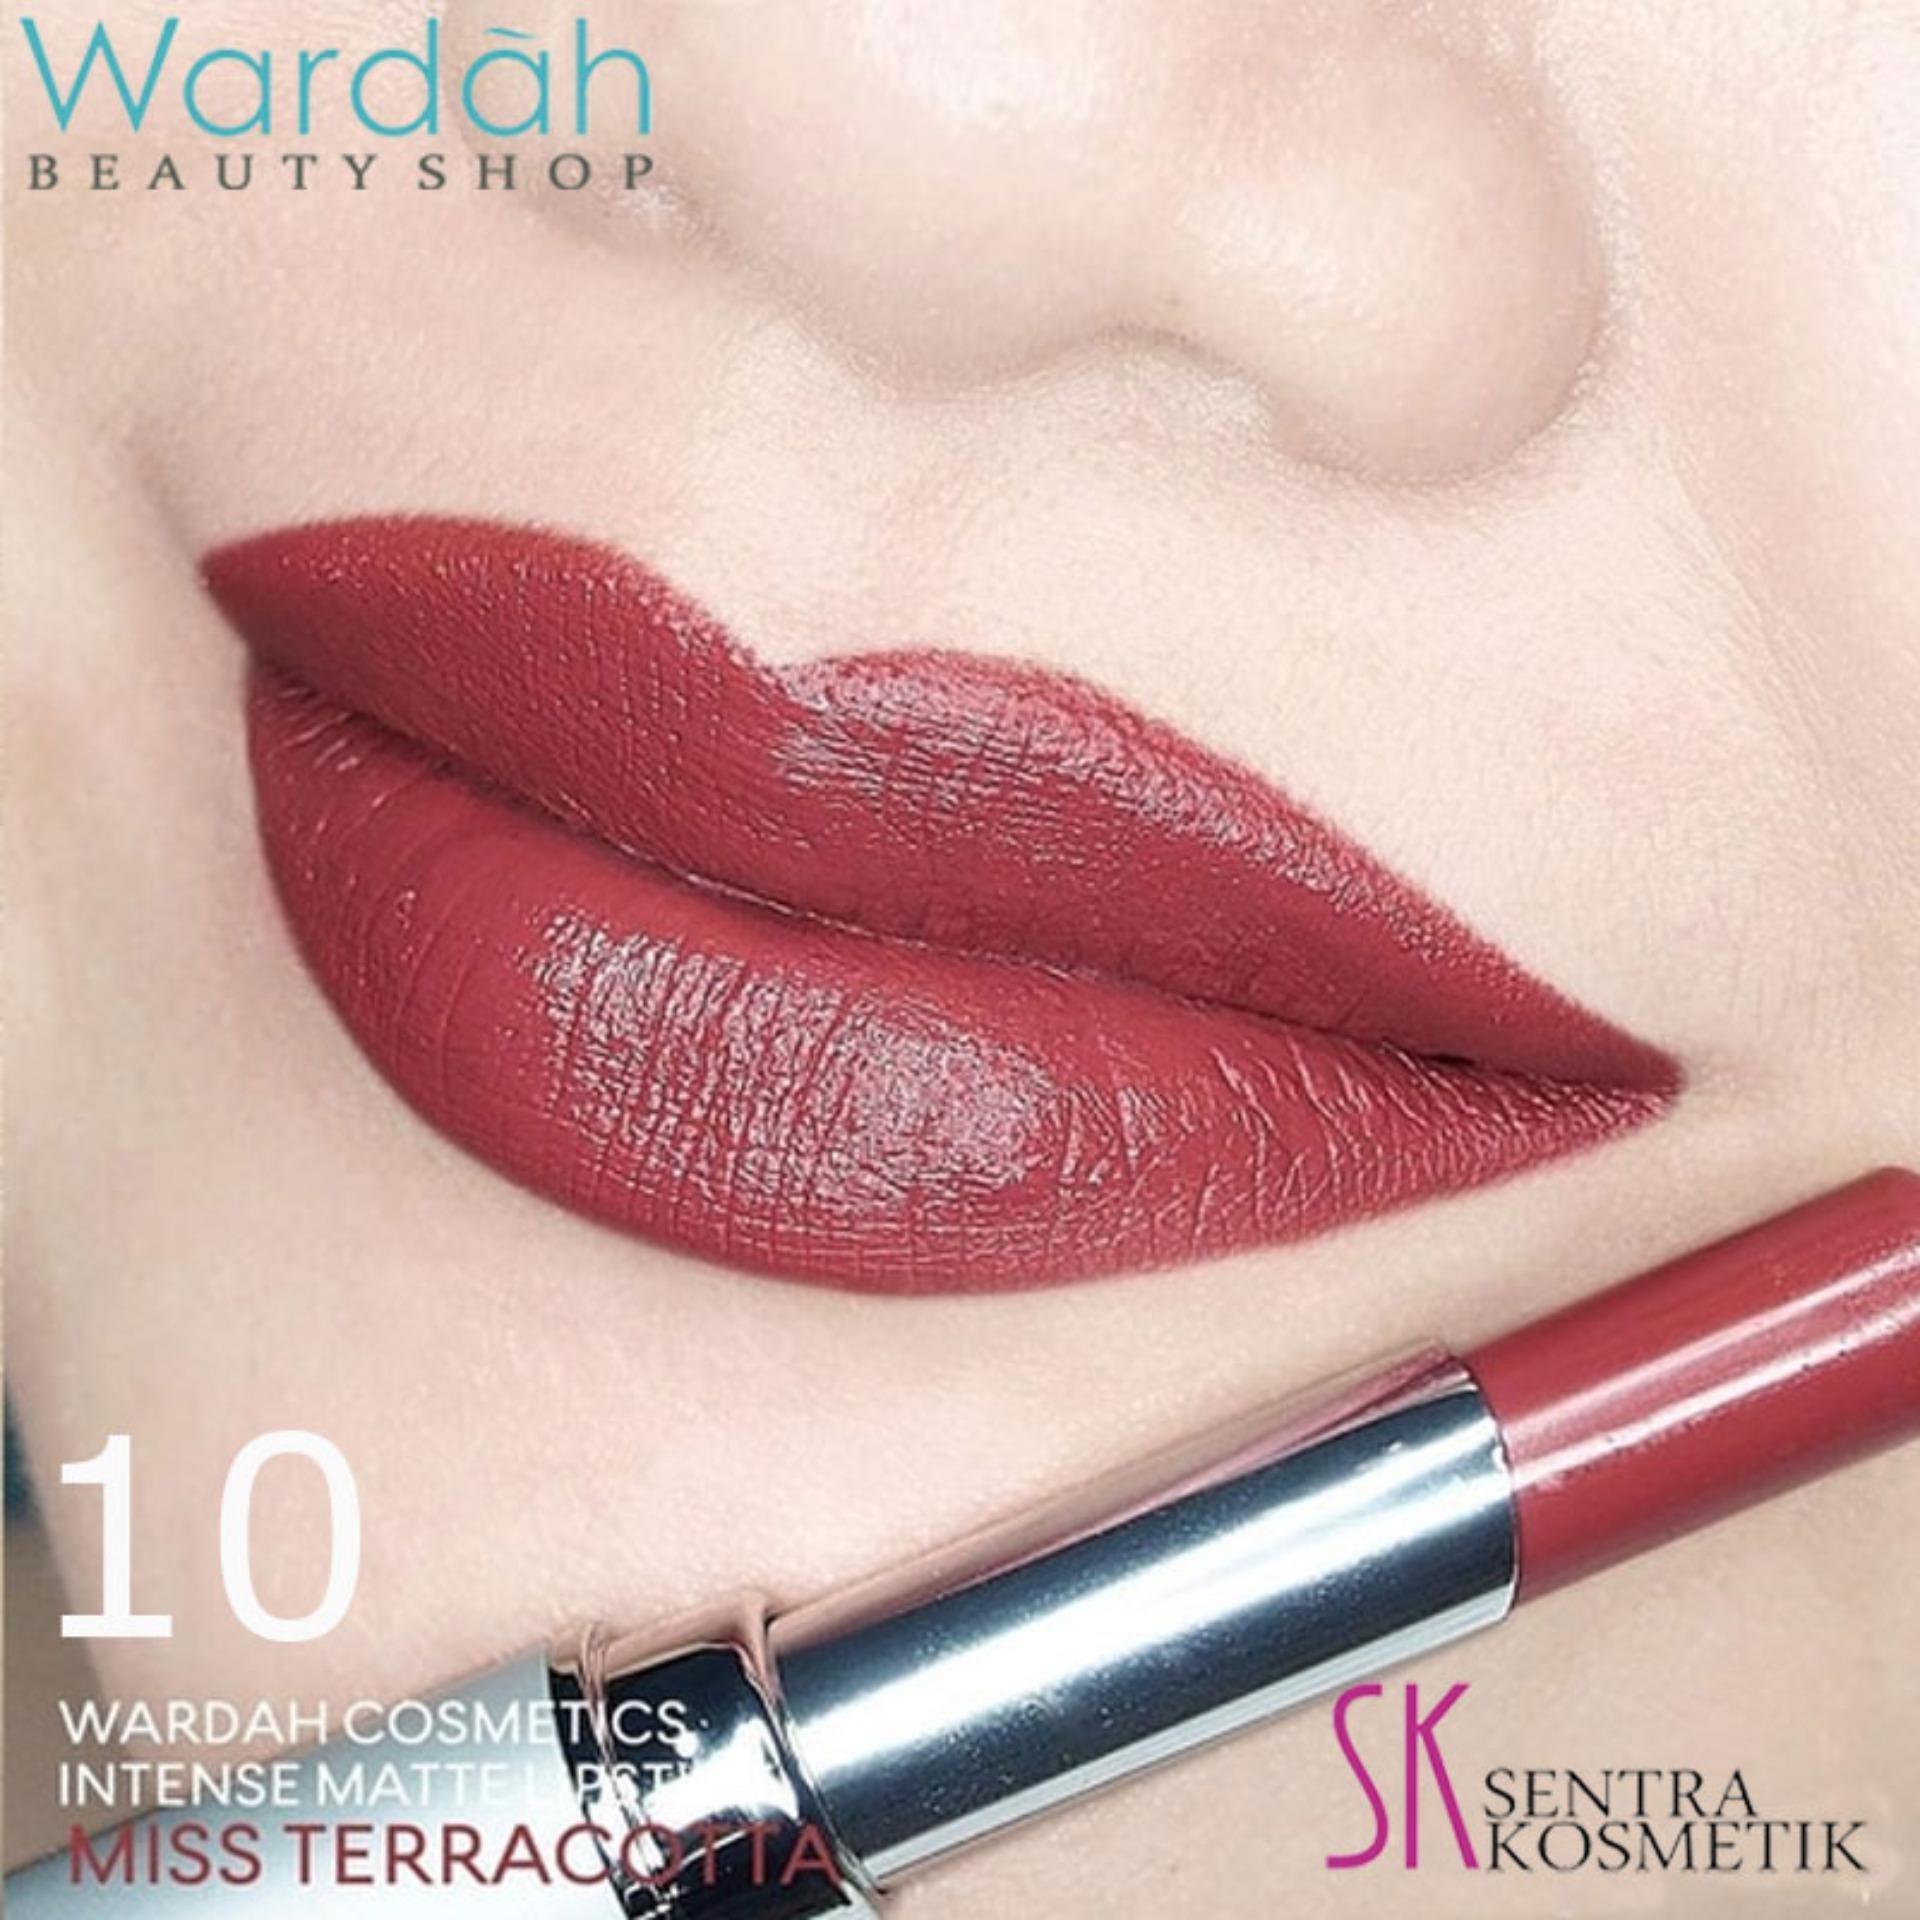 ... Wardah Intense Matte Lipstick 10 Miss Terracotta